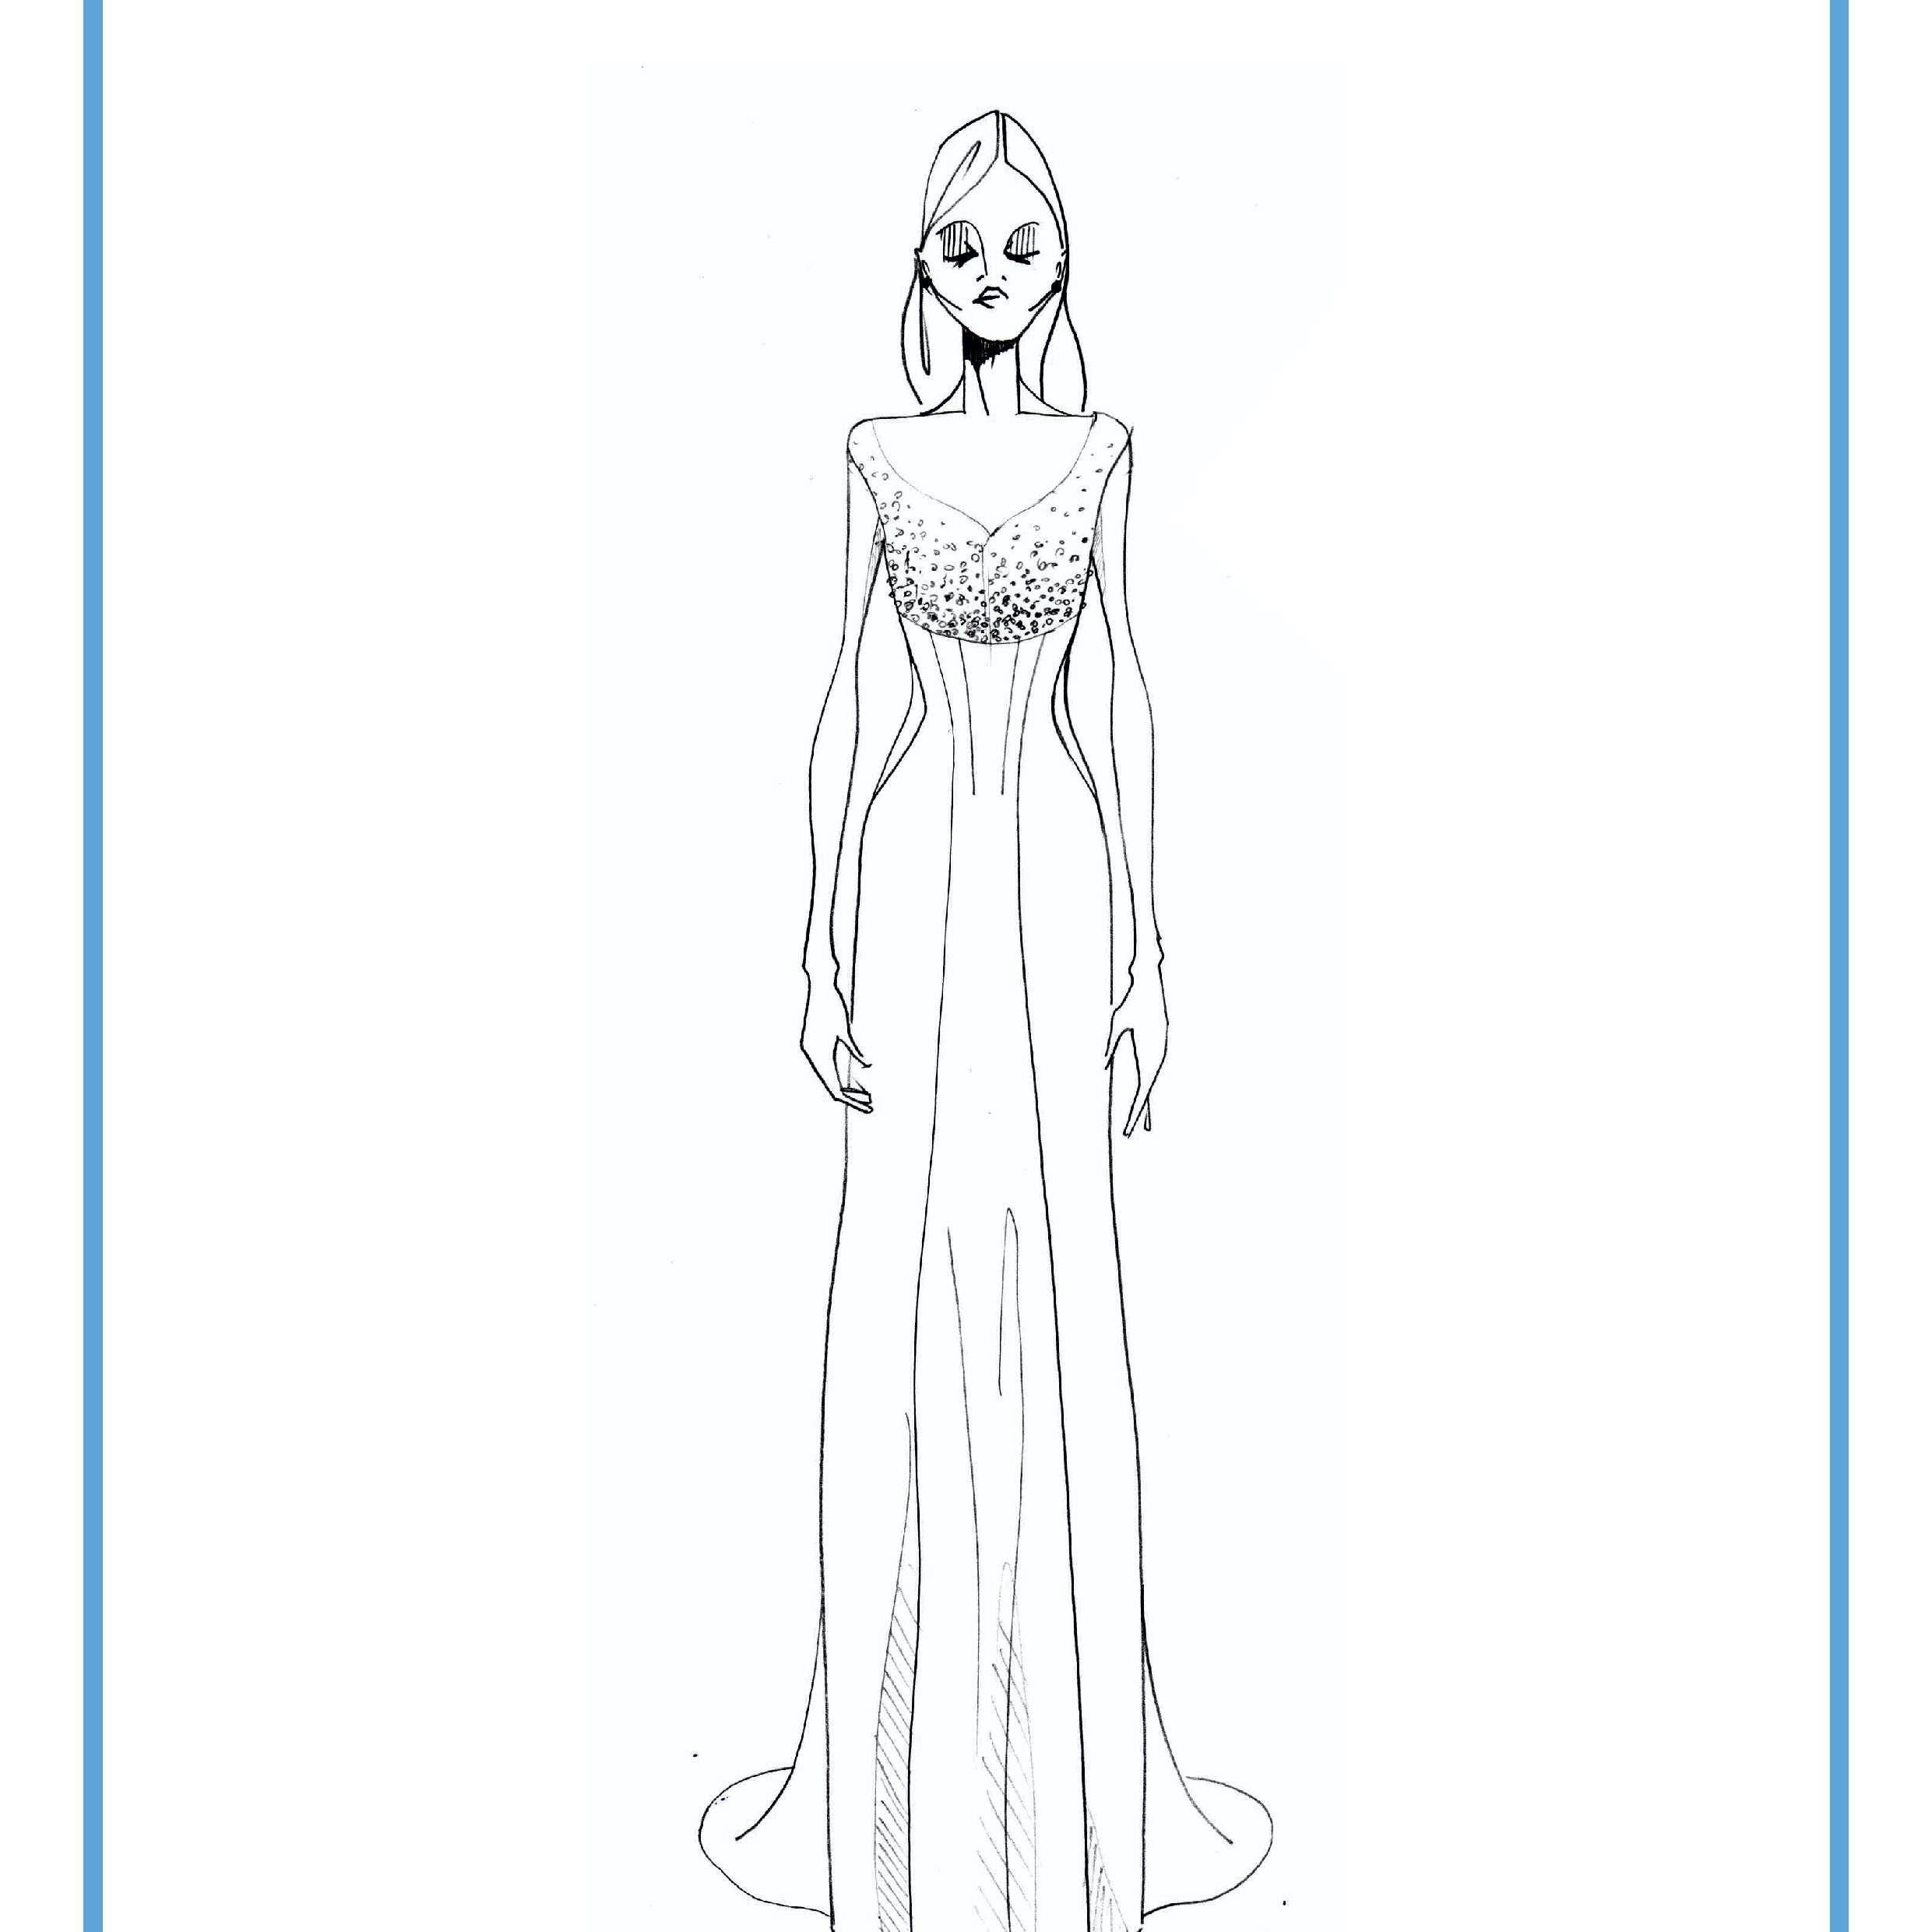 EDEM Bridal Fashion Week Fall 2020 Sketch